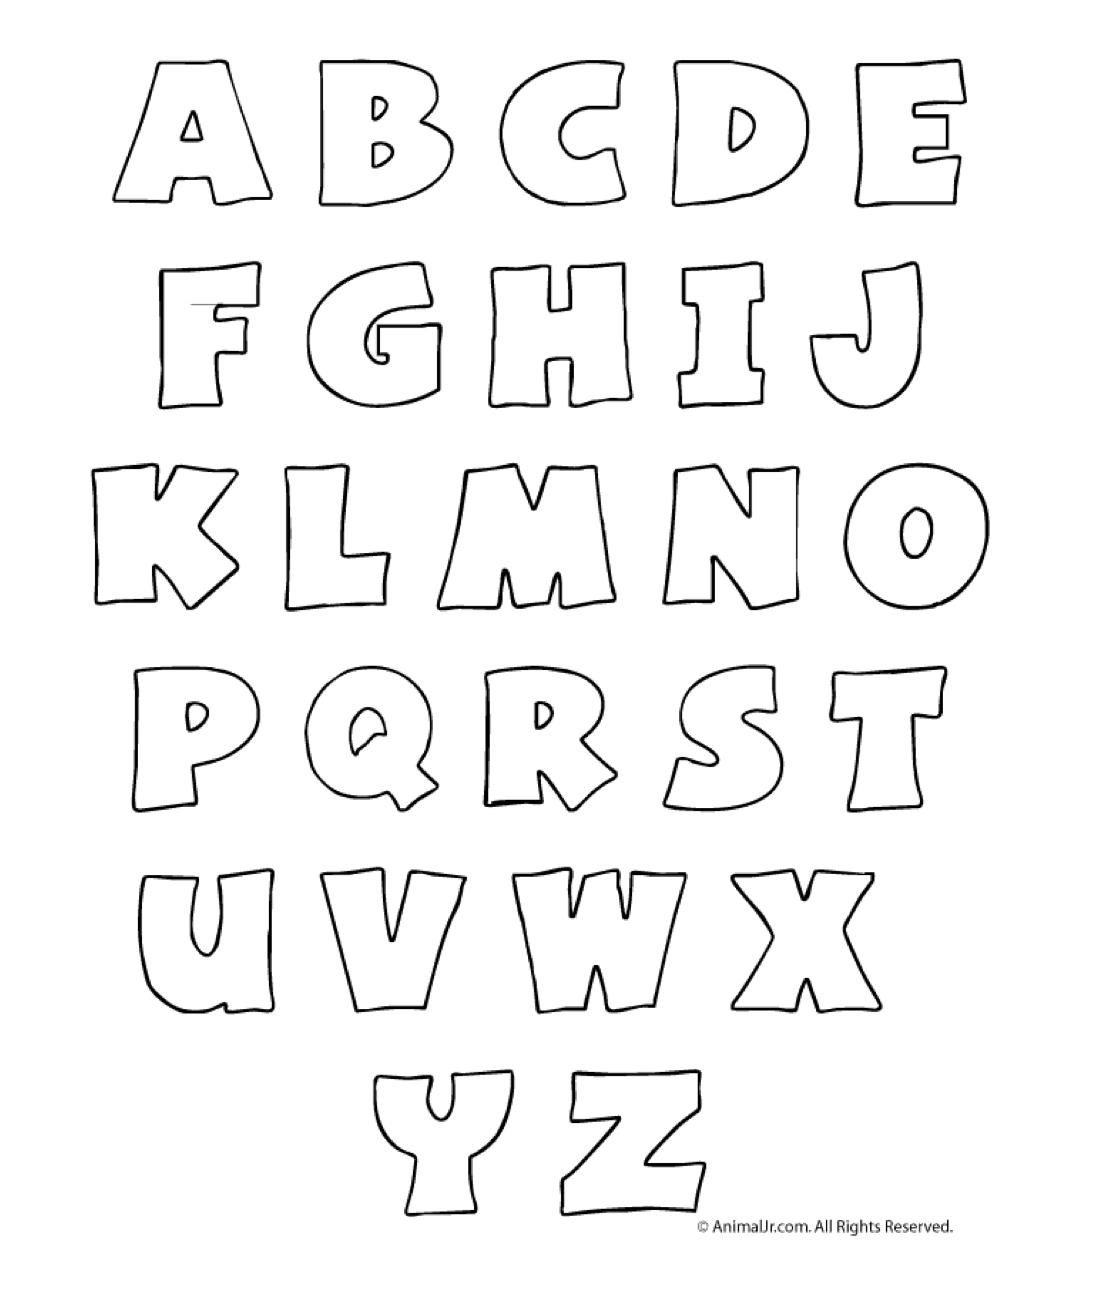 Abecedario Png 1100 1289 Plantillas De Letras Letras Abecedario Para Imprimir Moldes De Letras Bonitas